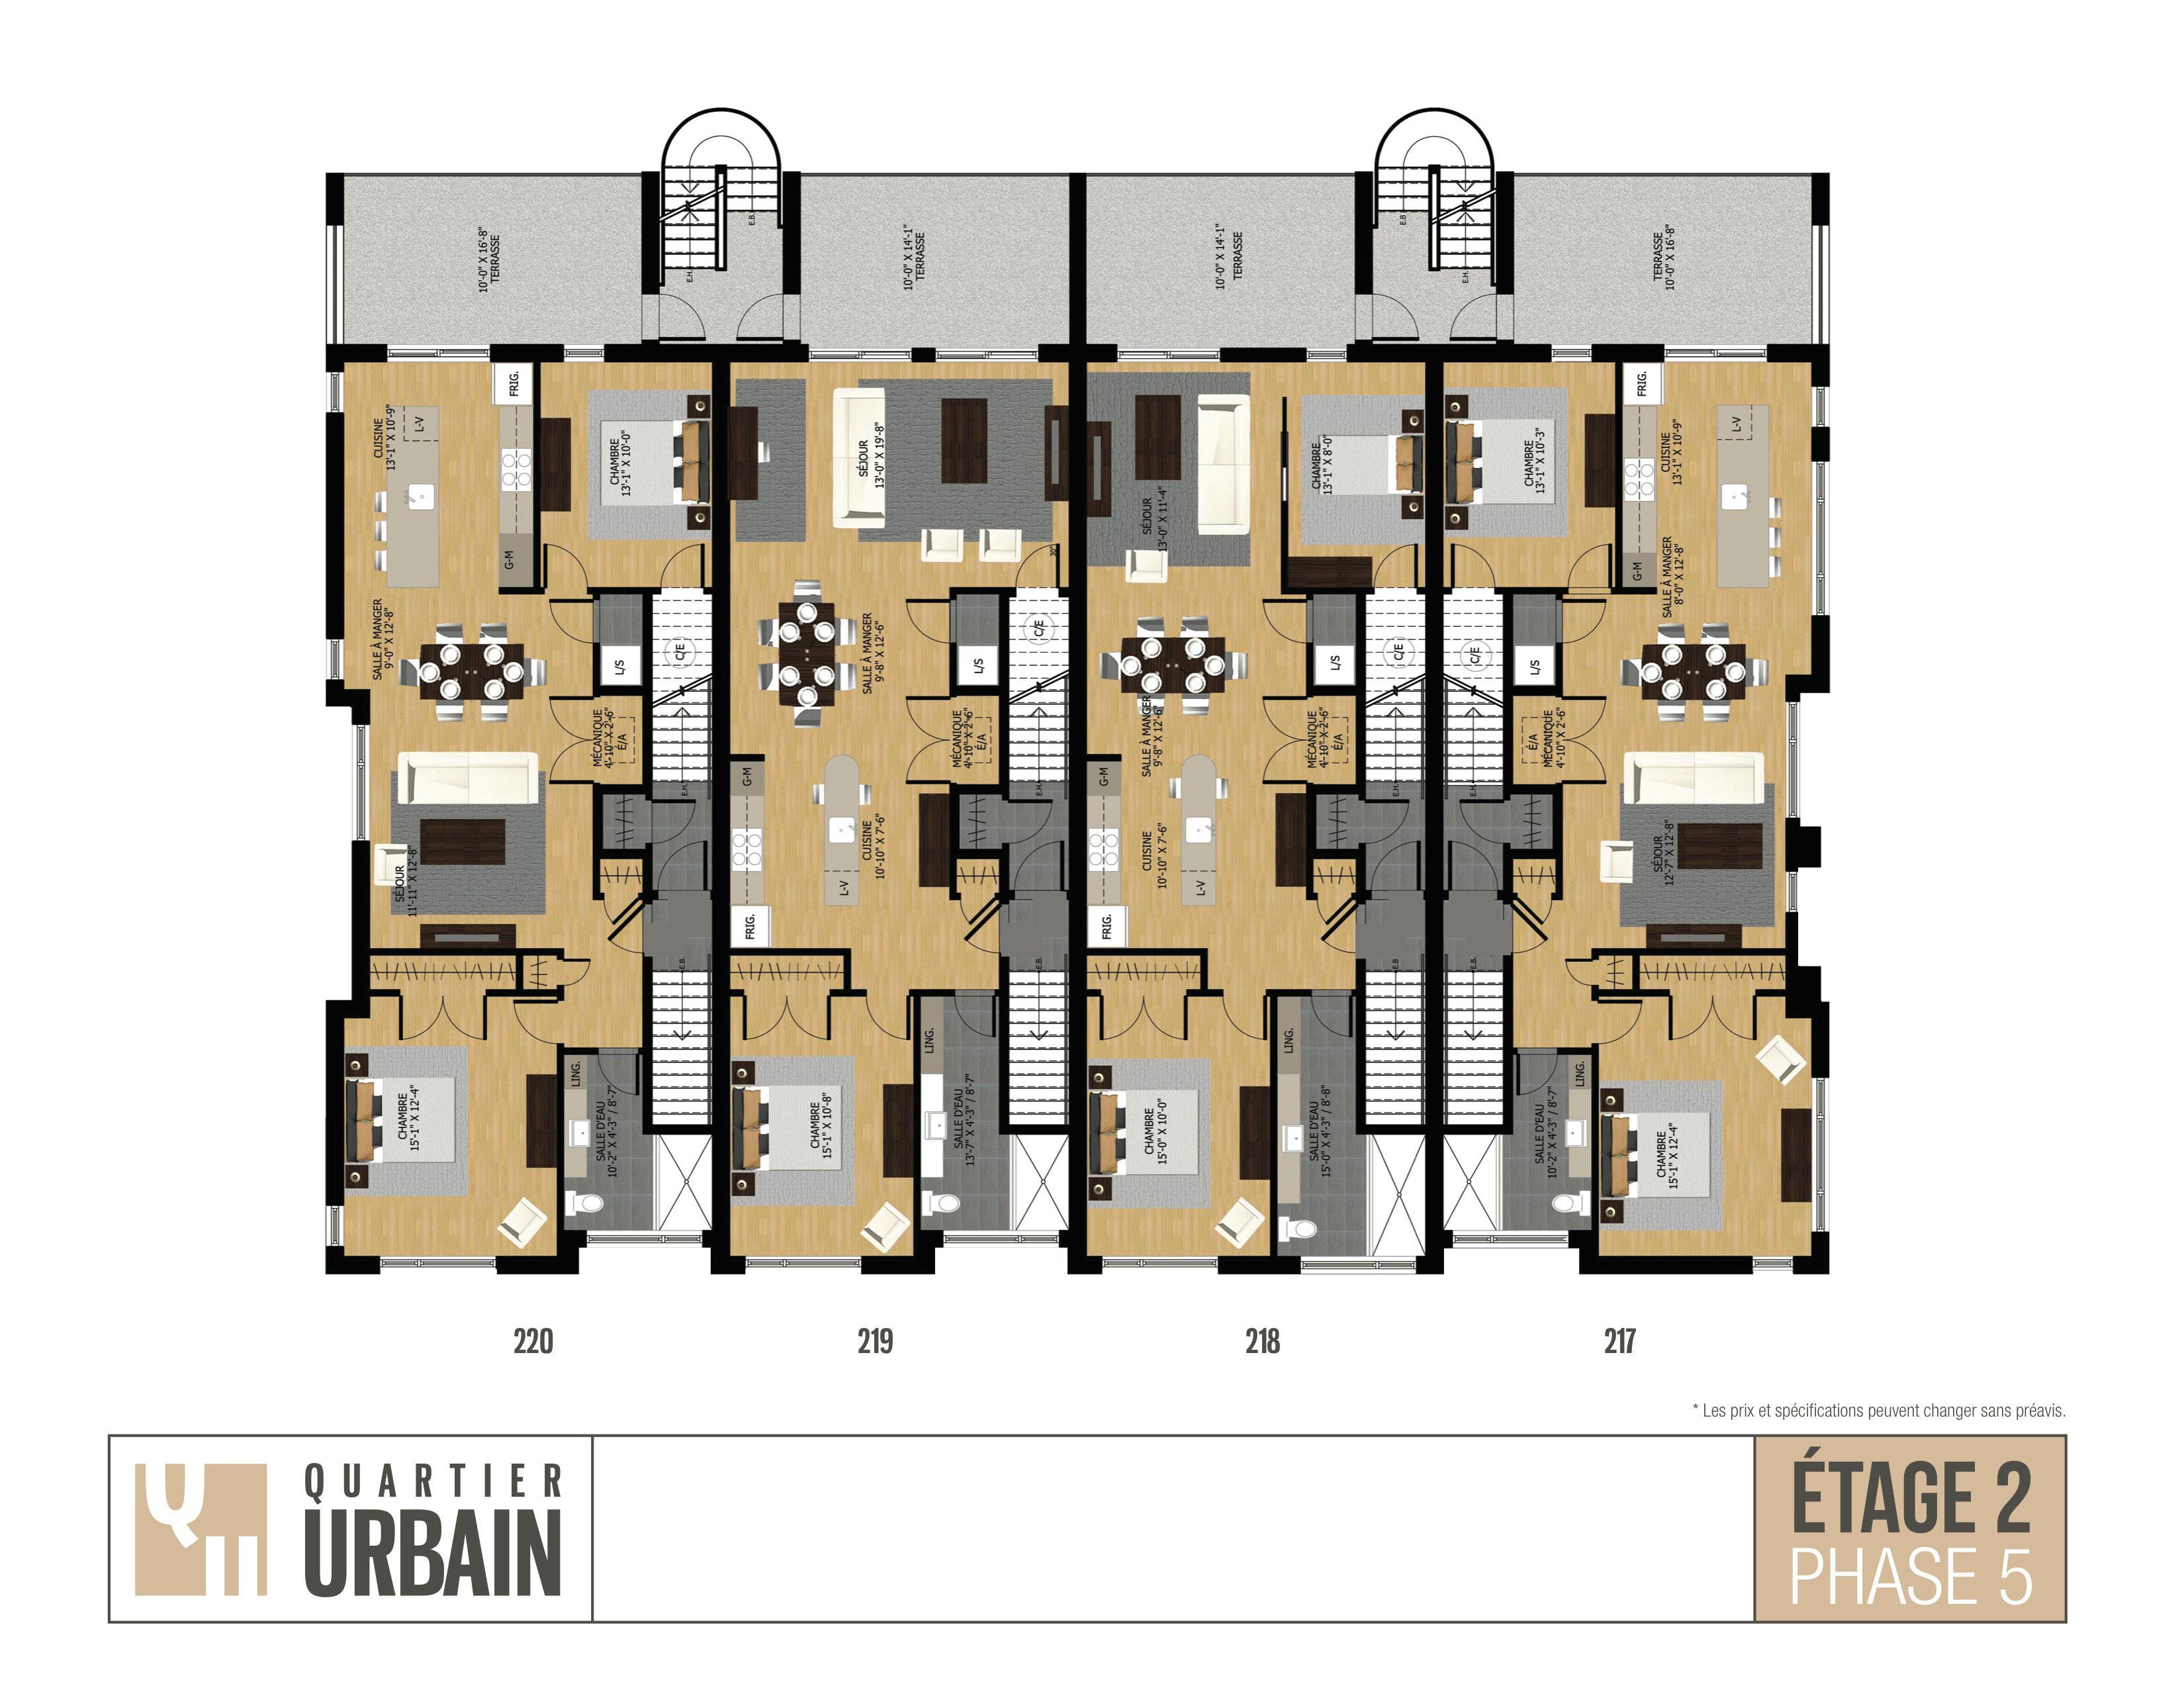 plan-etage-2-corrige_quartier-urbain